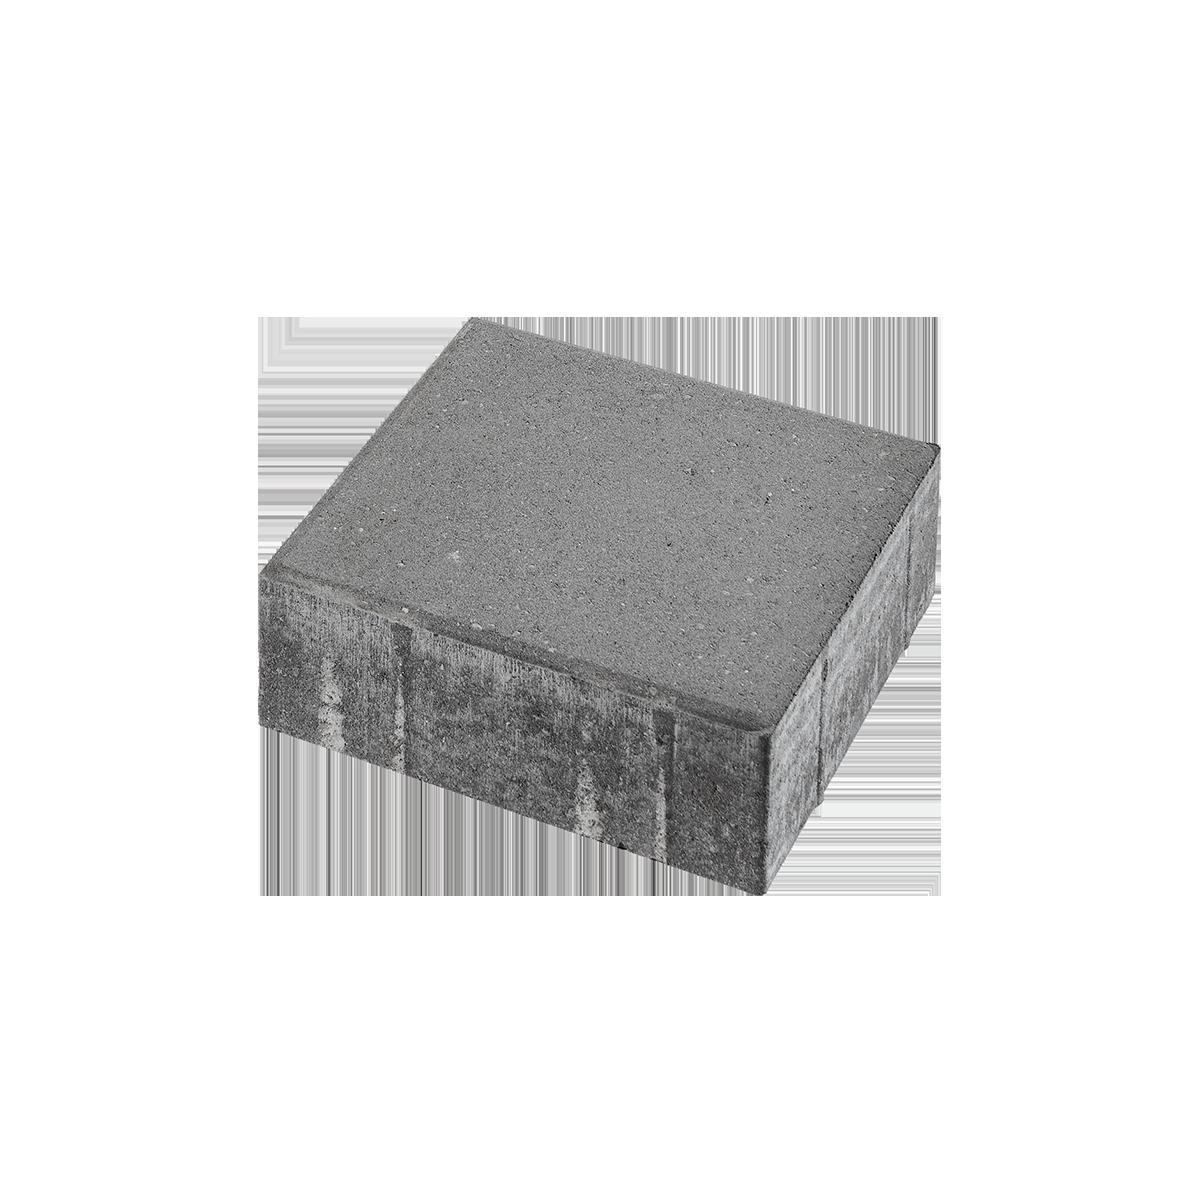 Bordurfliser 30x30x10 cm Grå